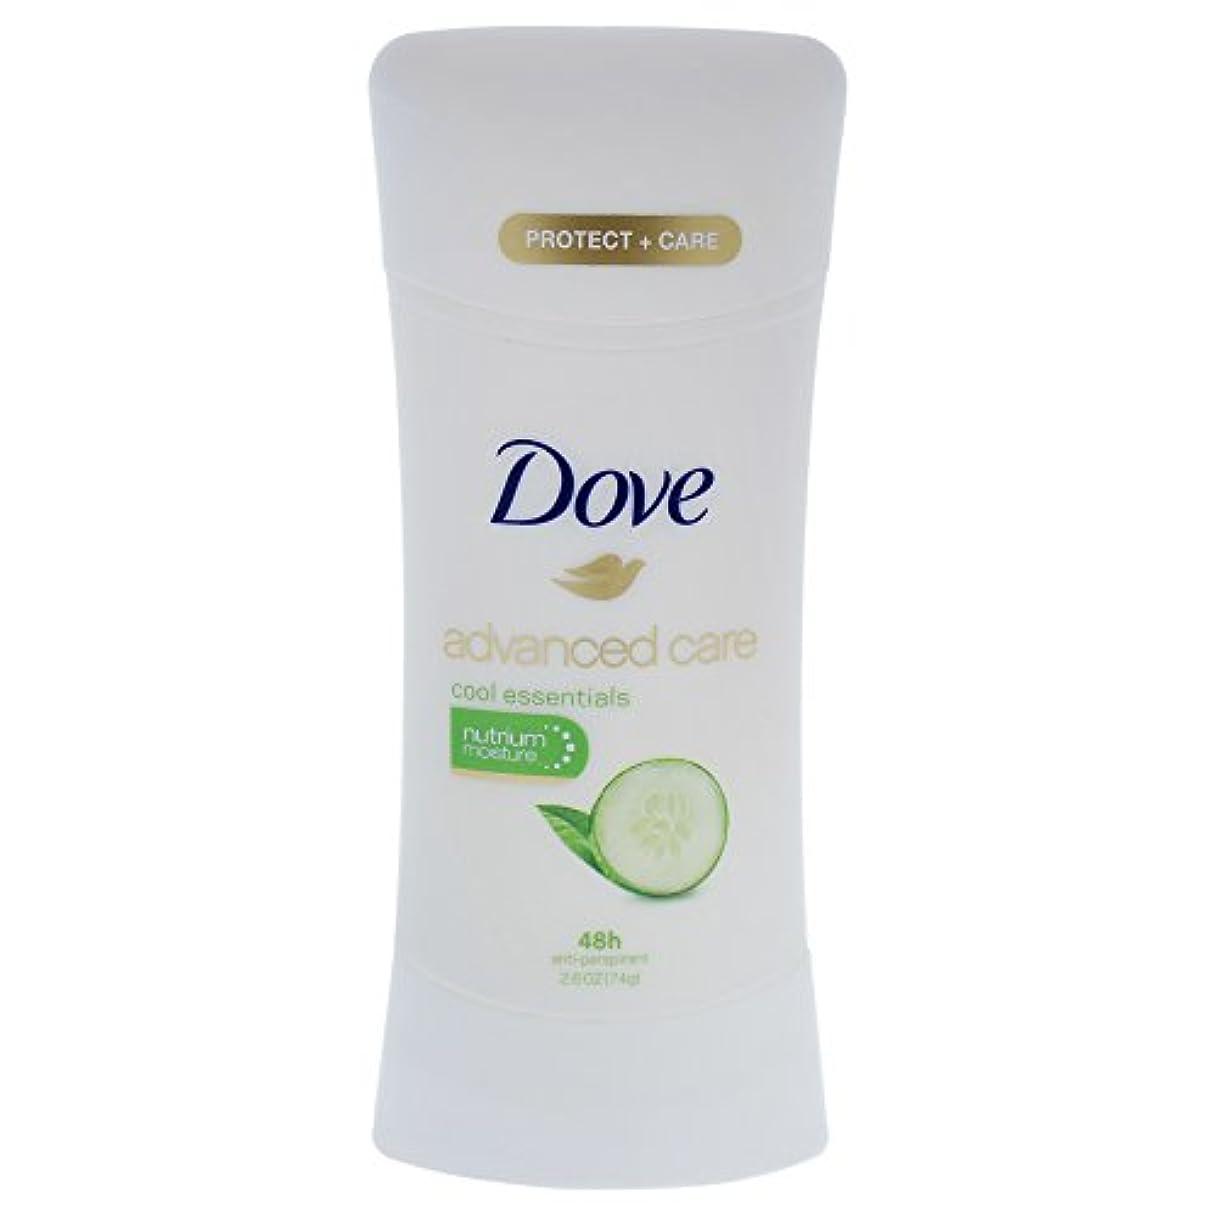 クラフト委員長フォームDove Advanced Care Cool Essentials Deodorant - 2.6oz ダブ アドバンスド ケア クールエッセンシャル デオドラント 74g [並行輸入品]